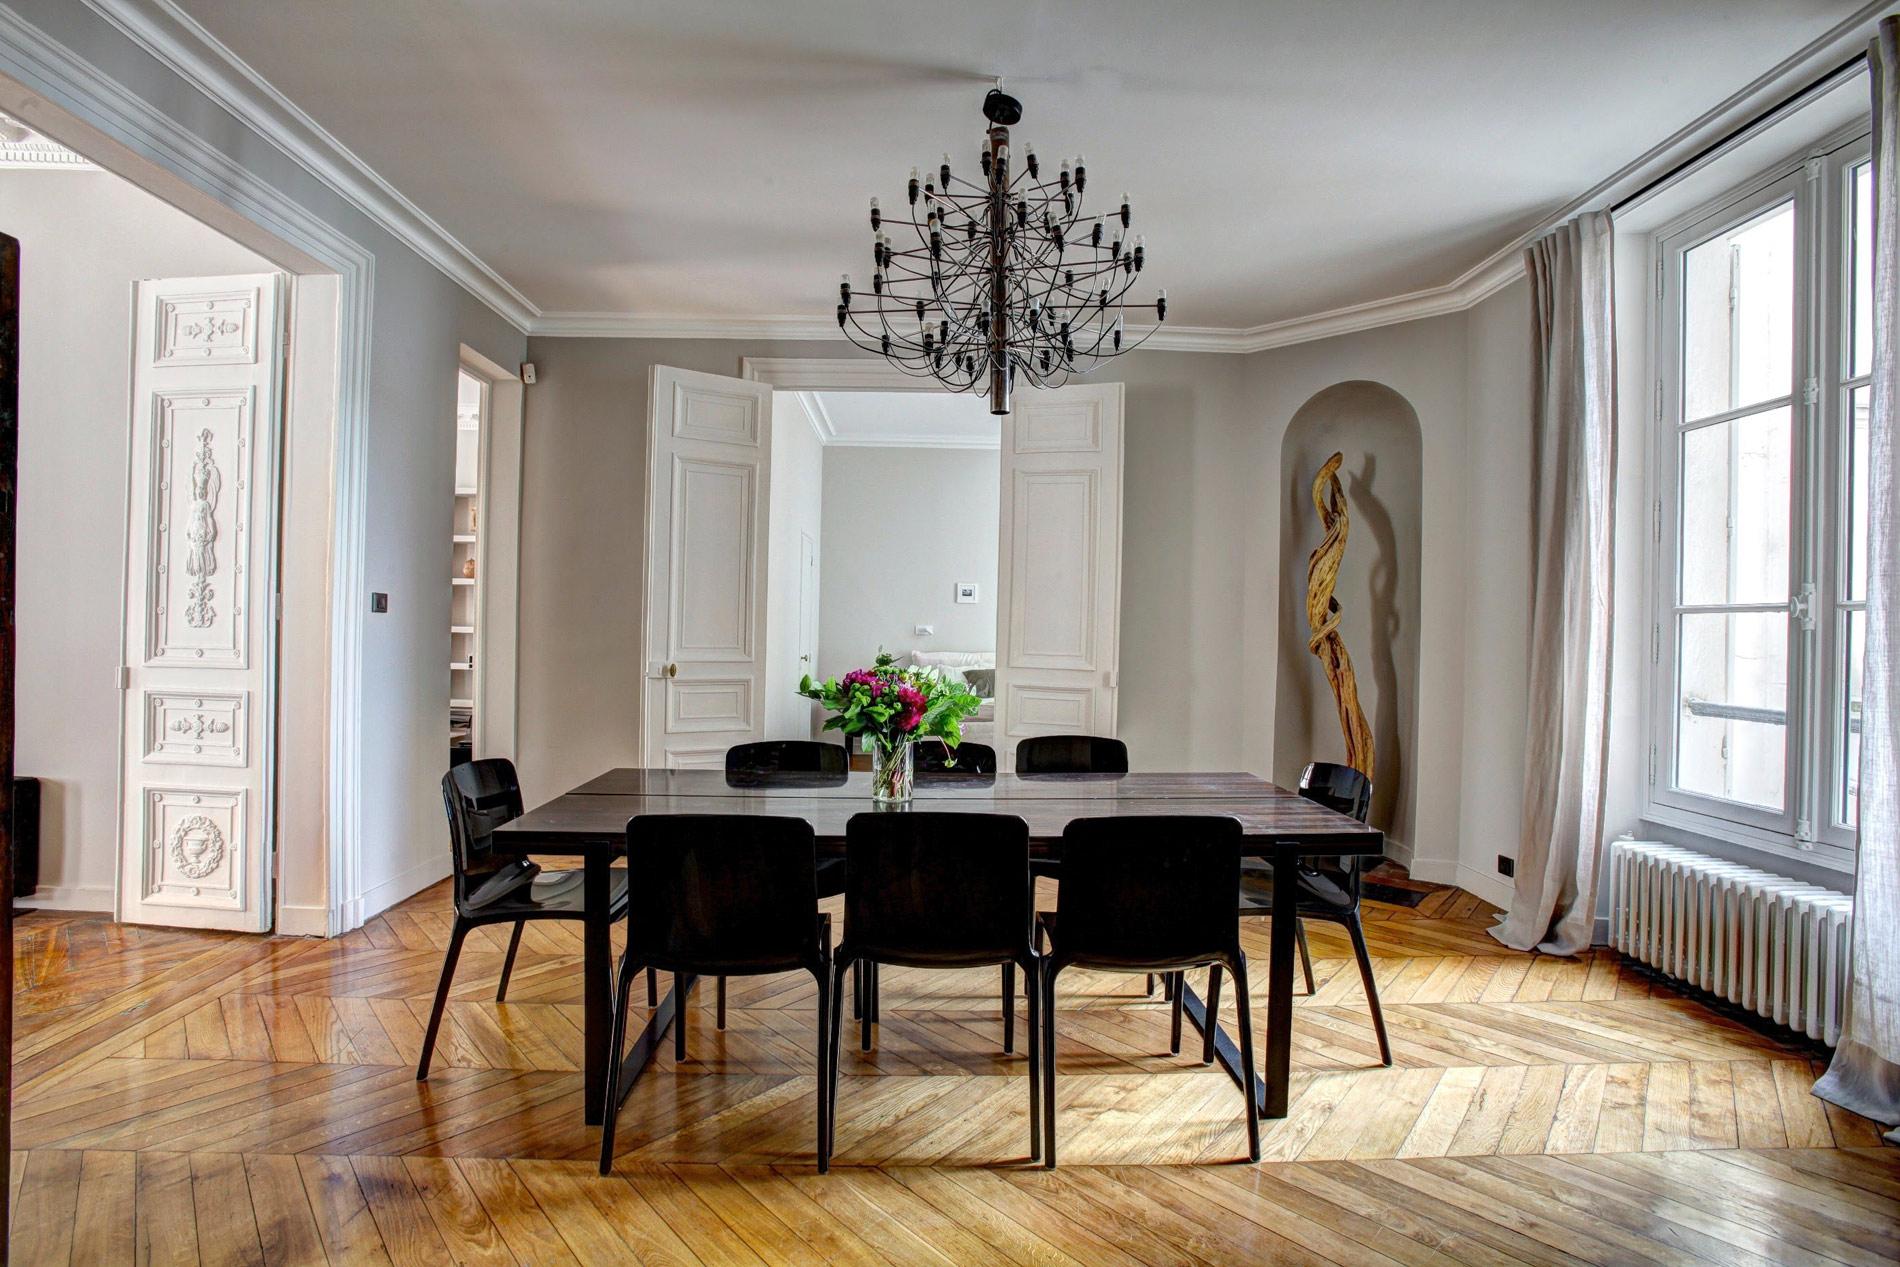 Изготовление мебели и мебельных конструкций оригинального дизайна из древесины